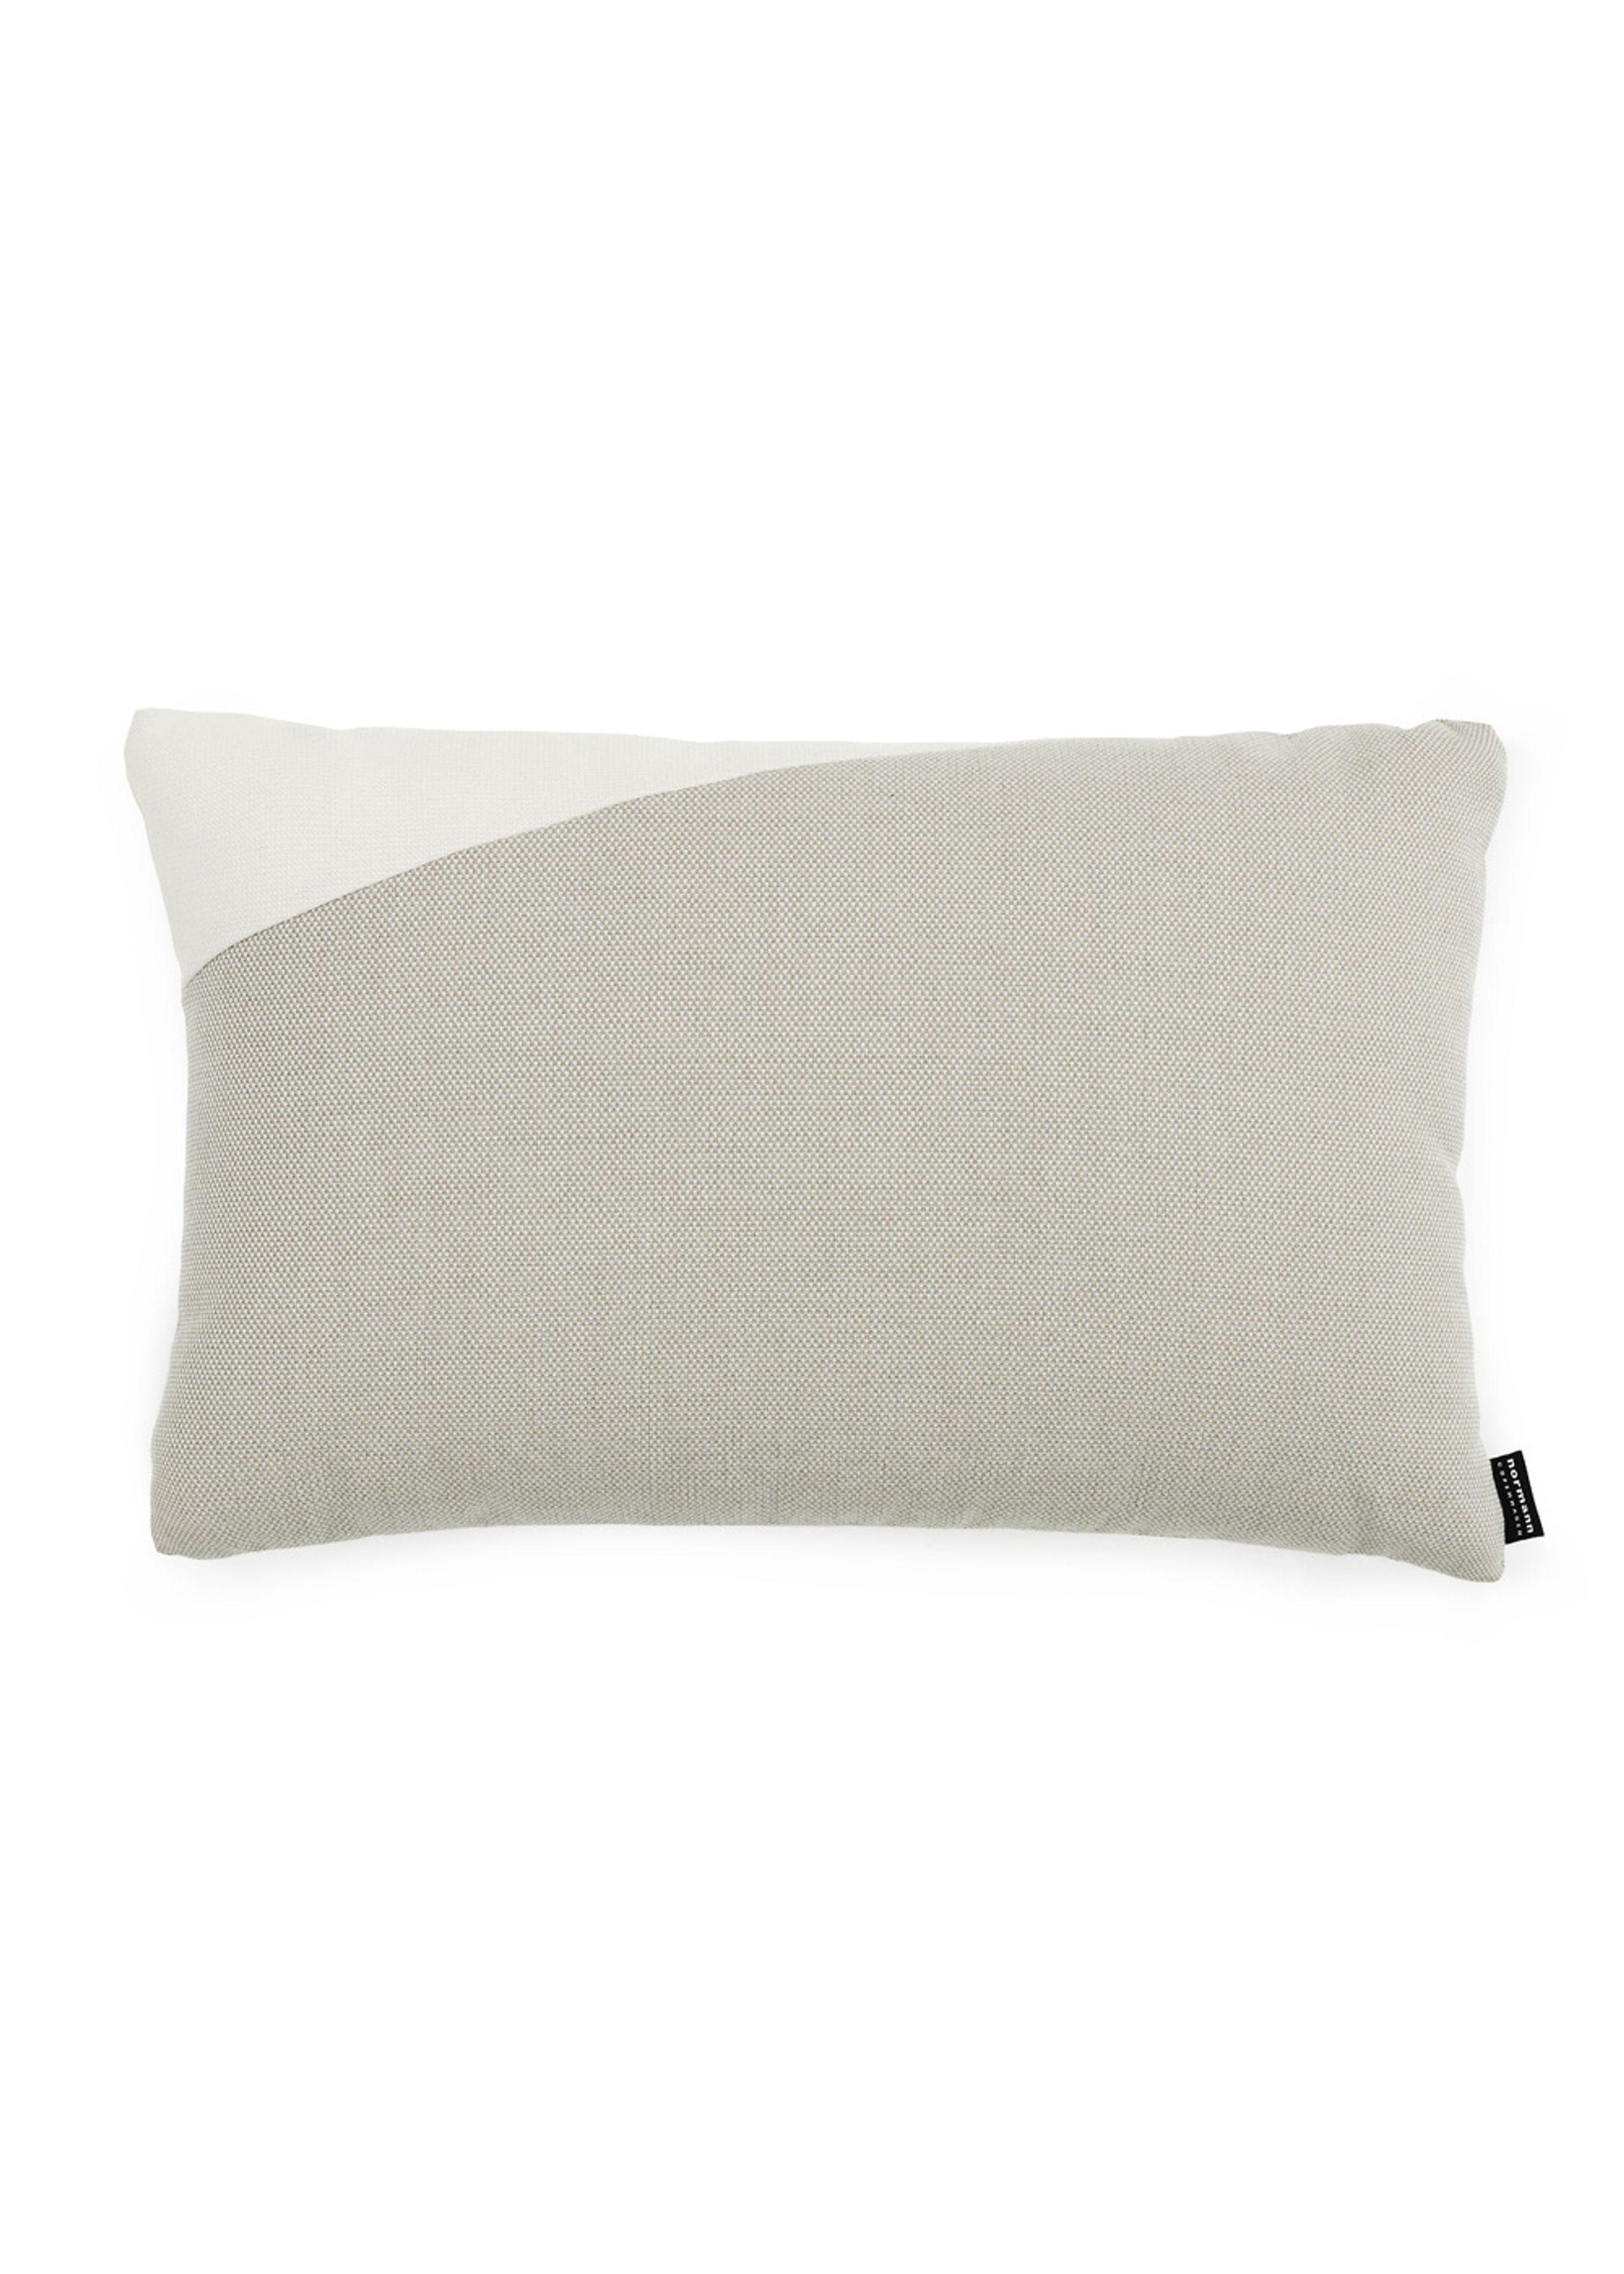 Edge cushion